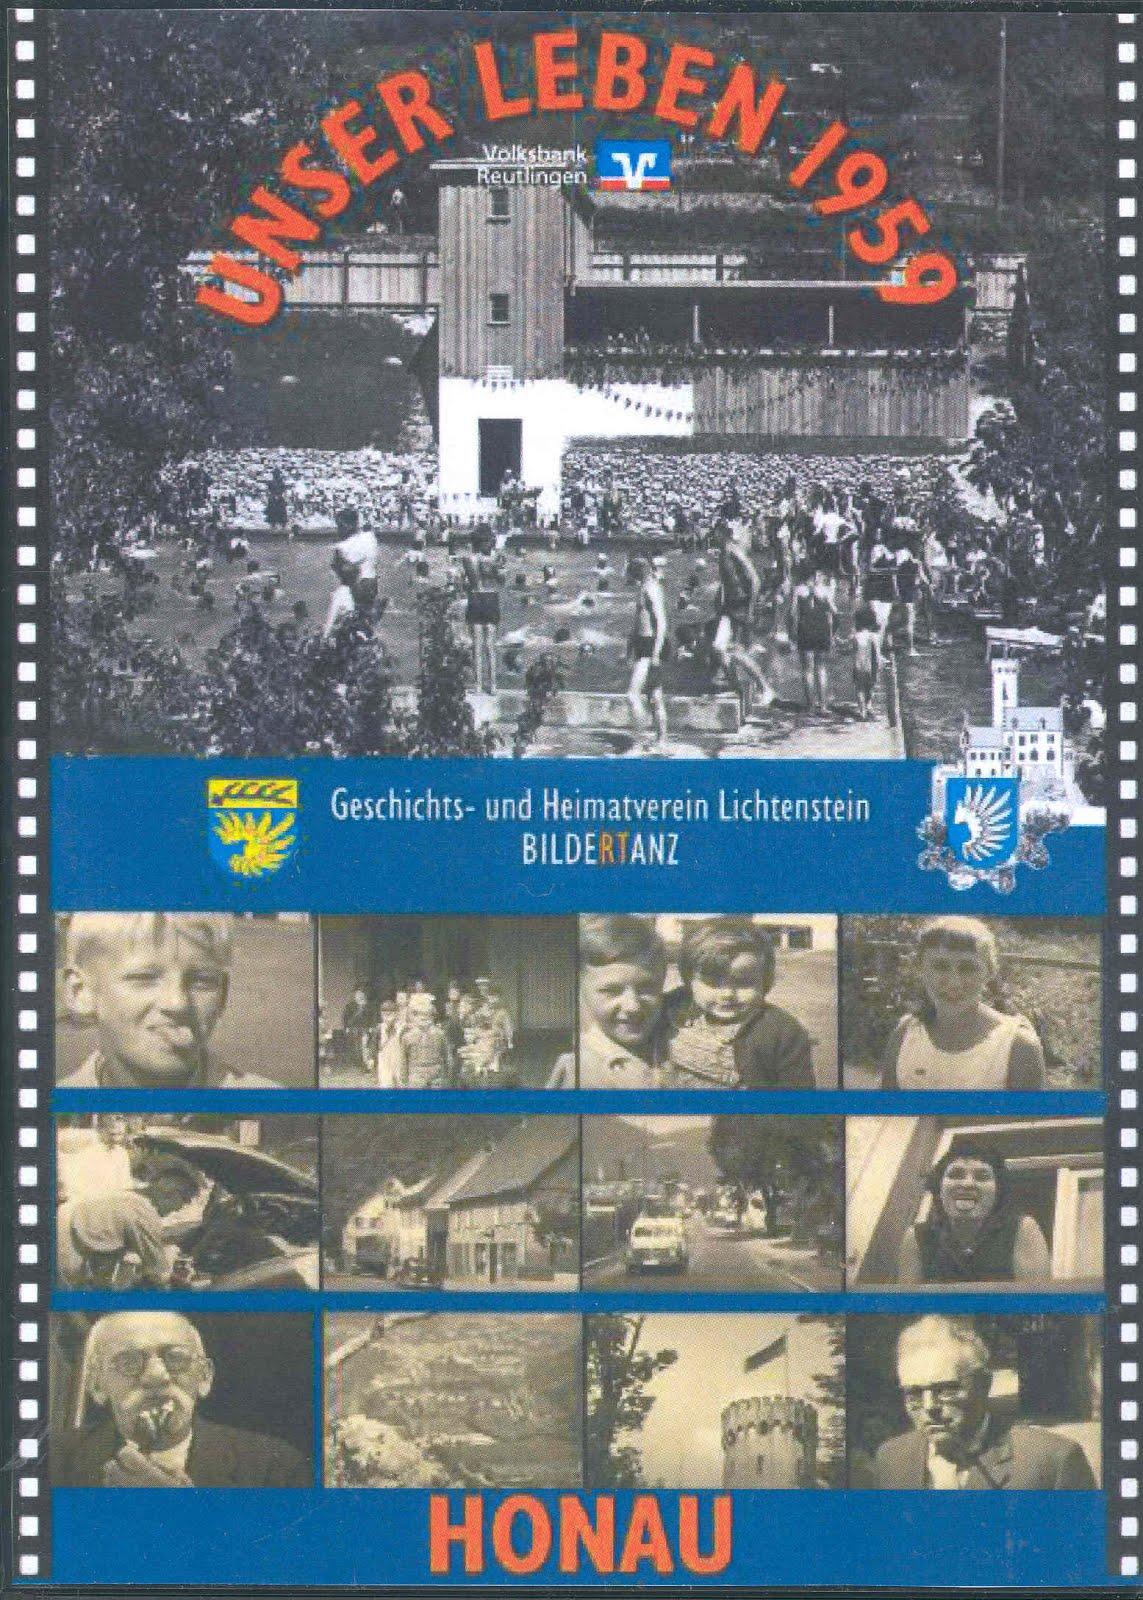 Die Welt der 50er Jahre in Honau